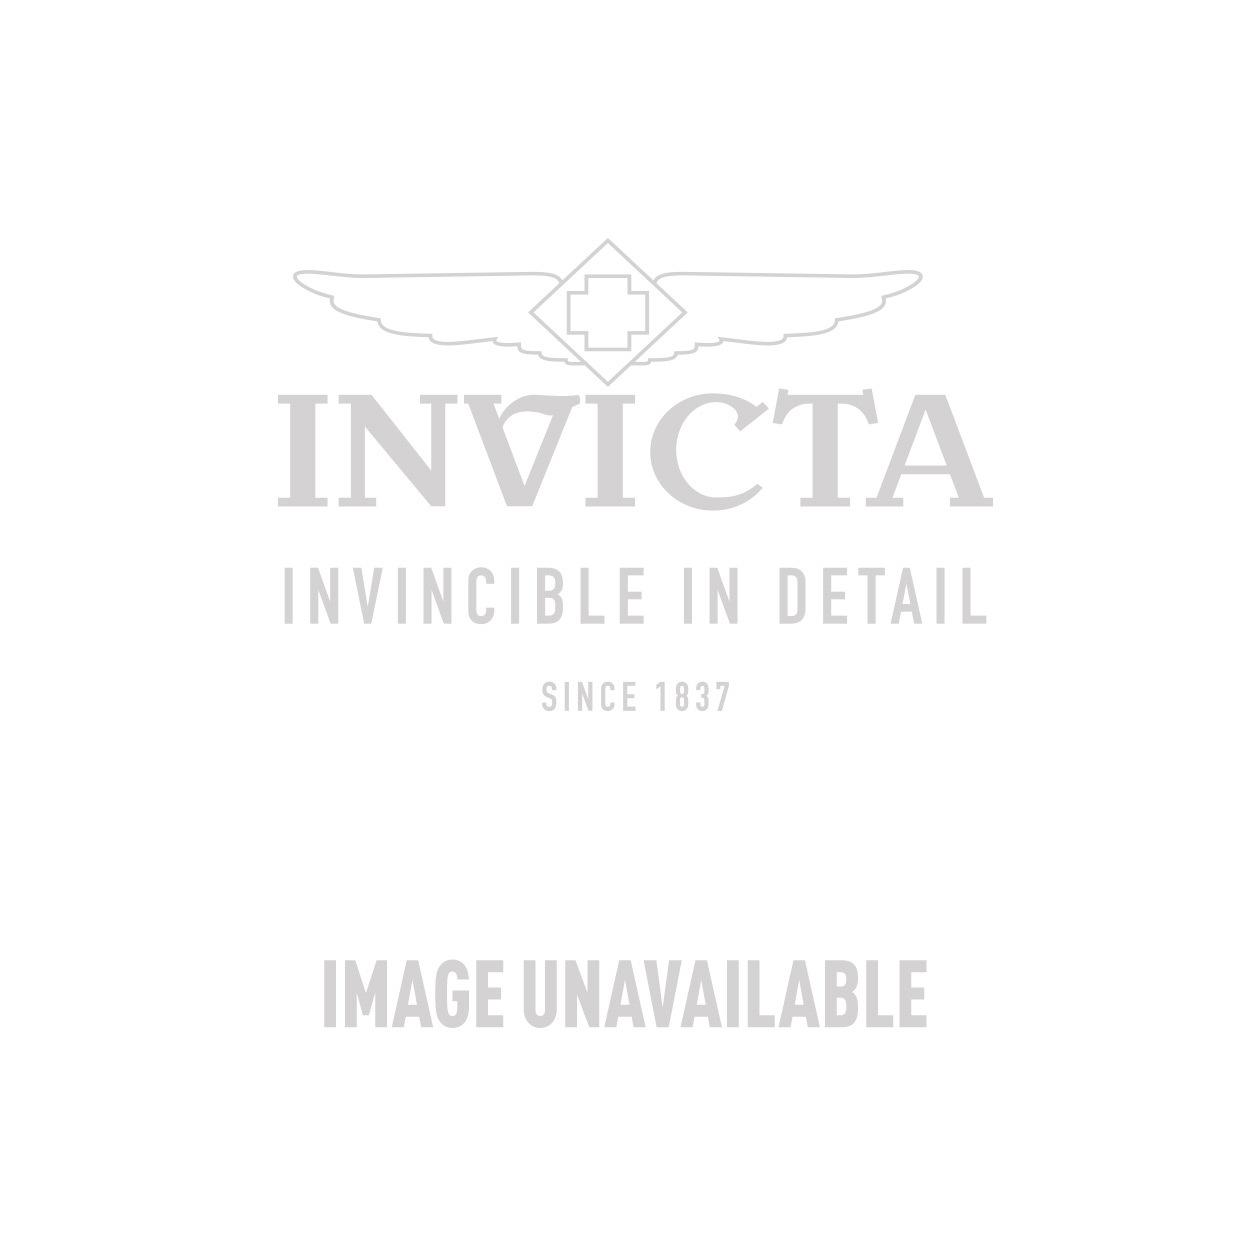 Invicta Objet D Art Mens Automatic 44 mm Black Case Black Dial - Model 27564